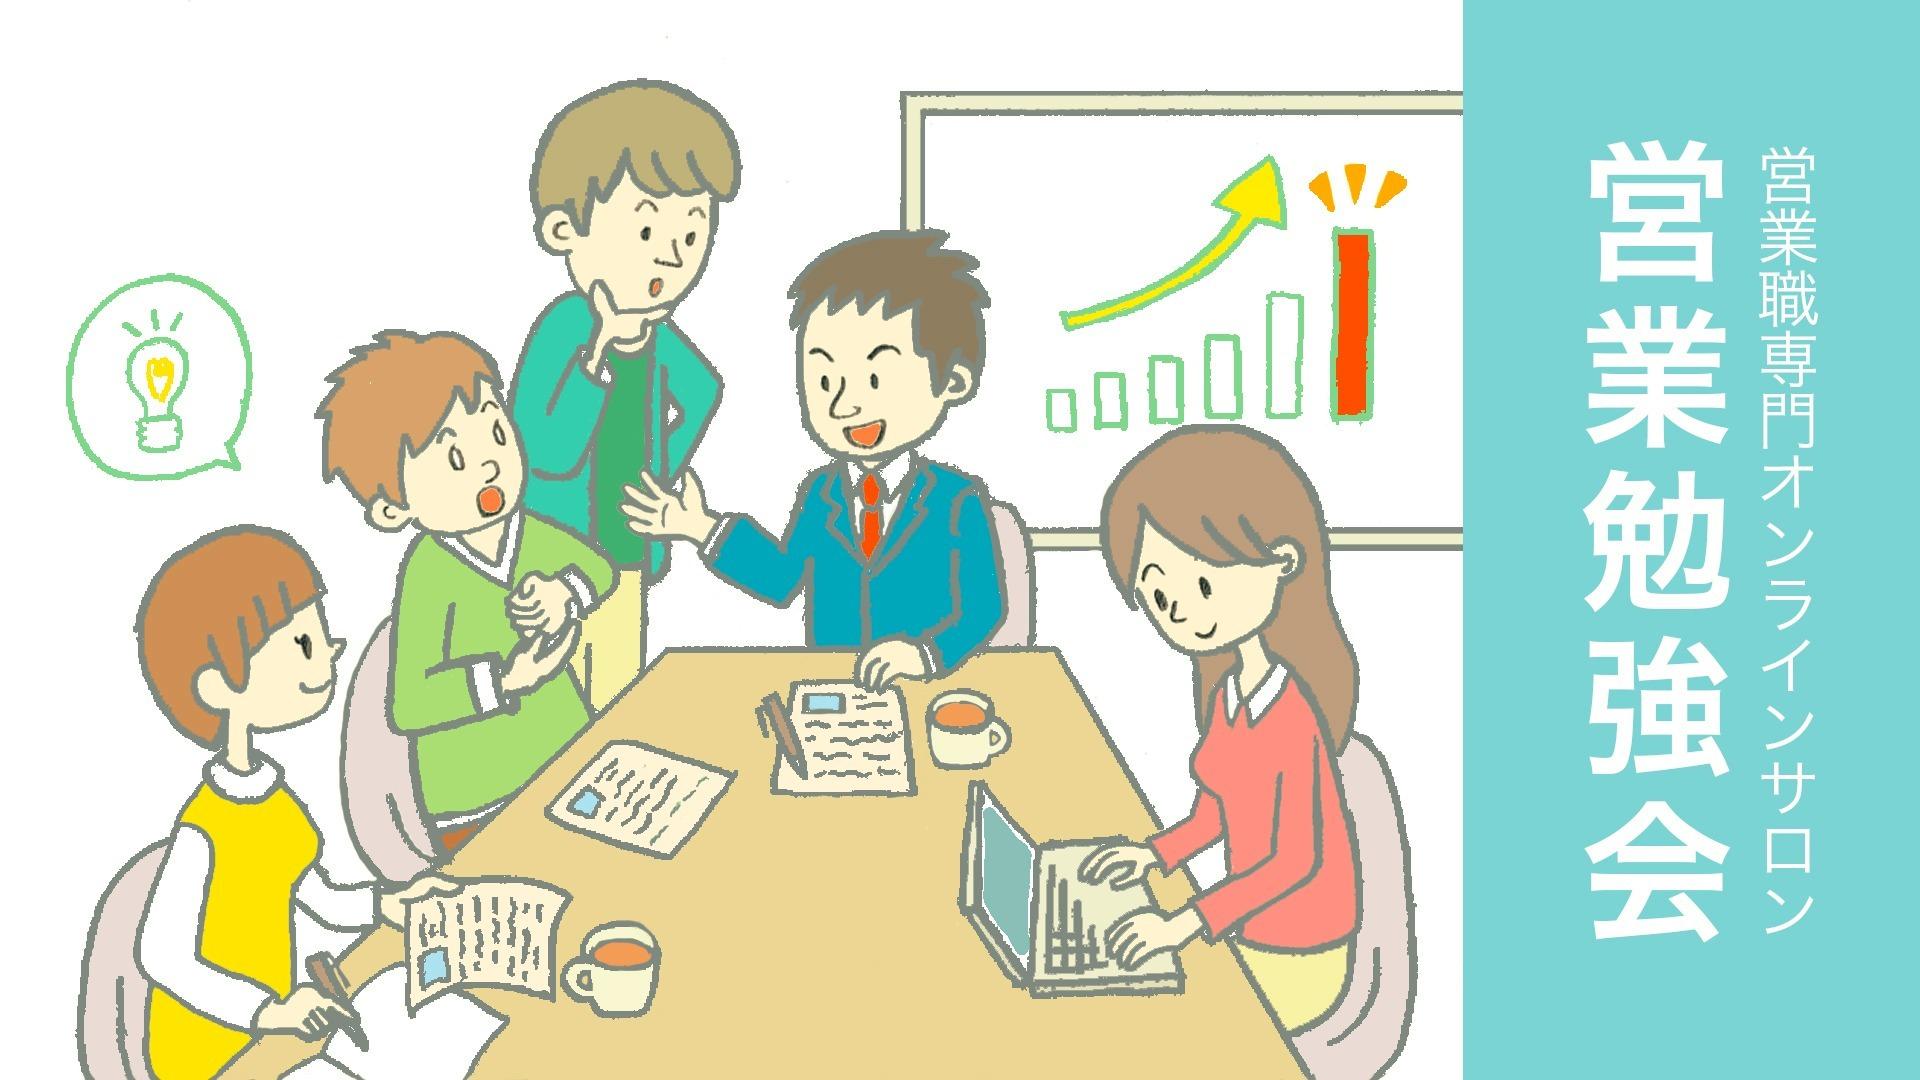 【営業勉強会】アポが減っているときは?相手が会いやすい状況を作るためにできること